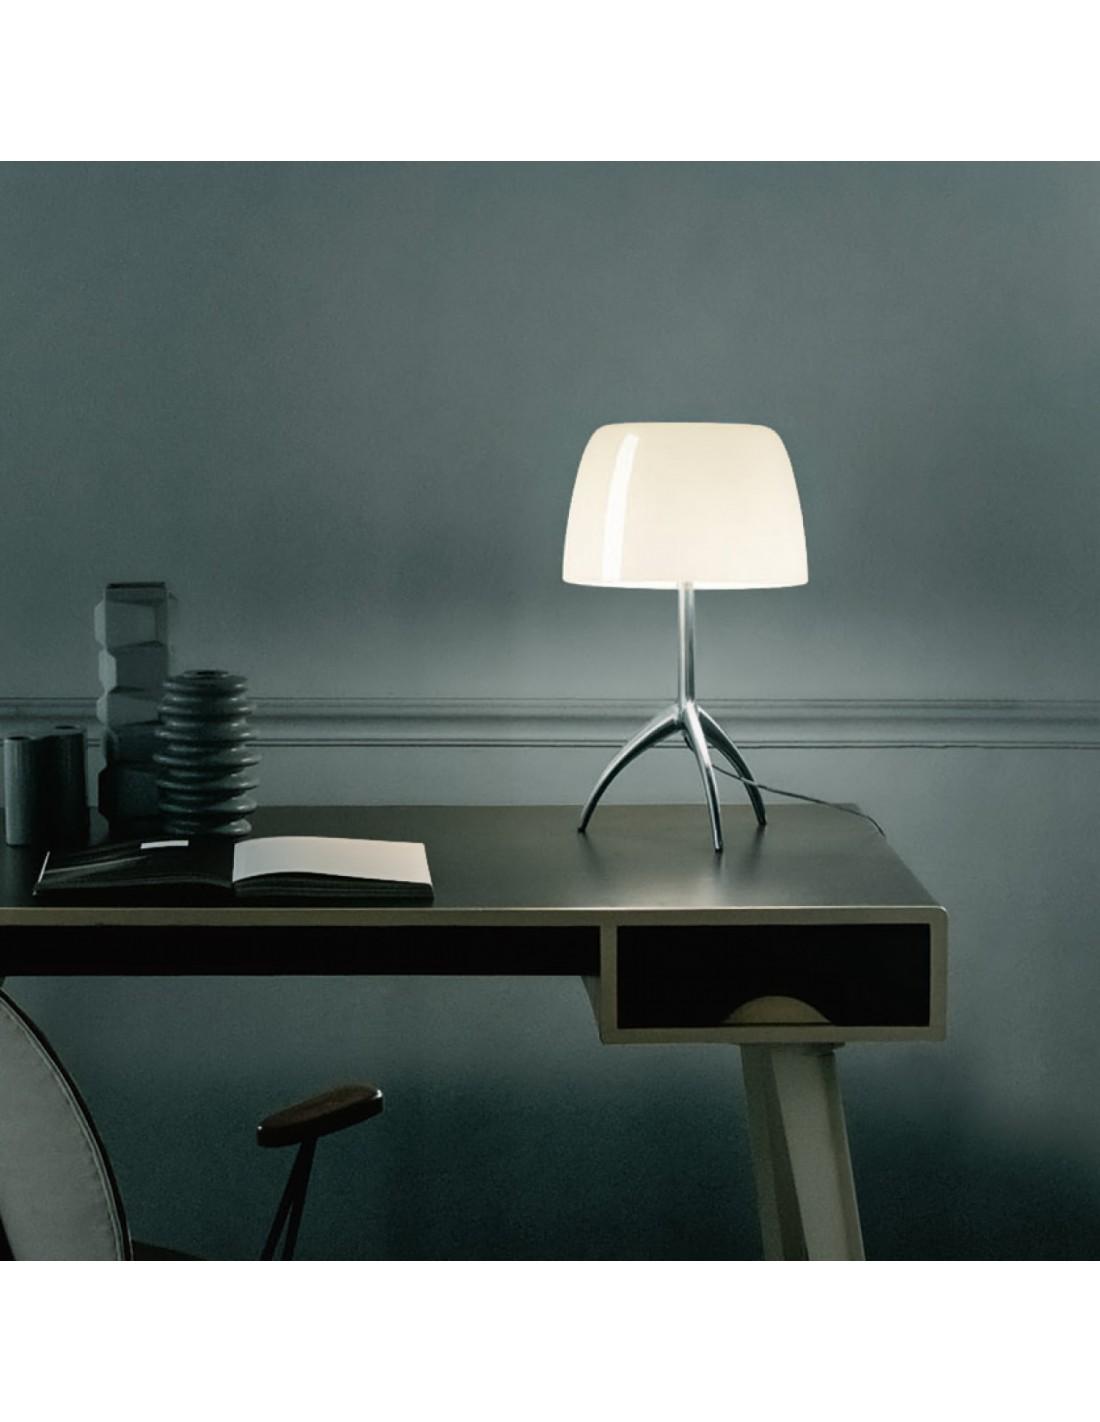 Lampe de table lumi re 05 grande aluminium poli - Fensterbank lampe ...